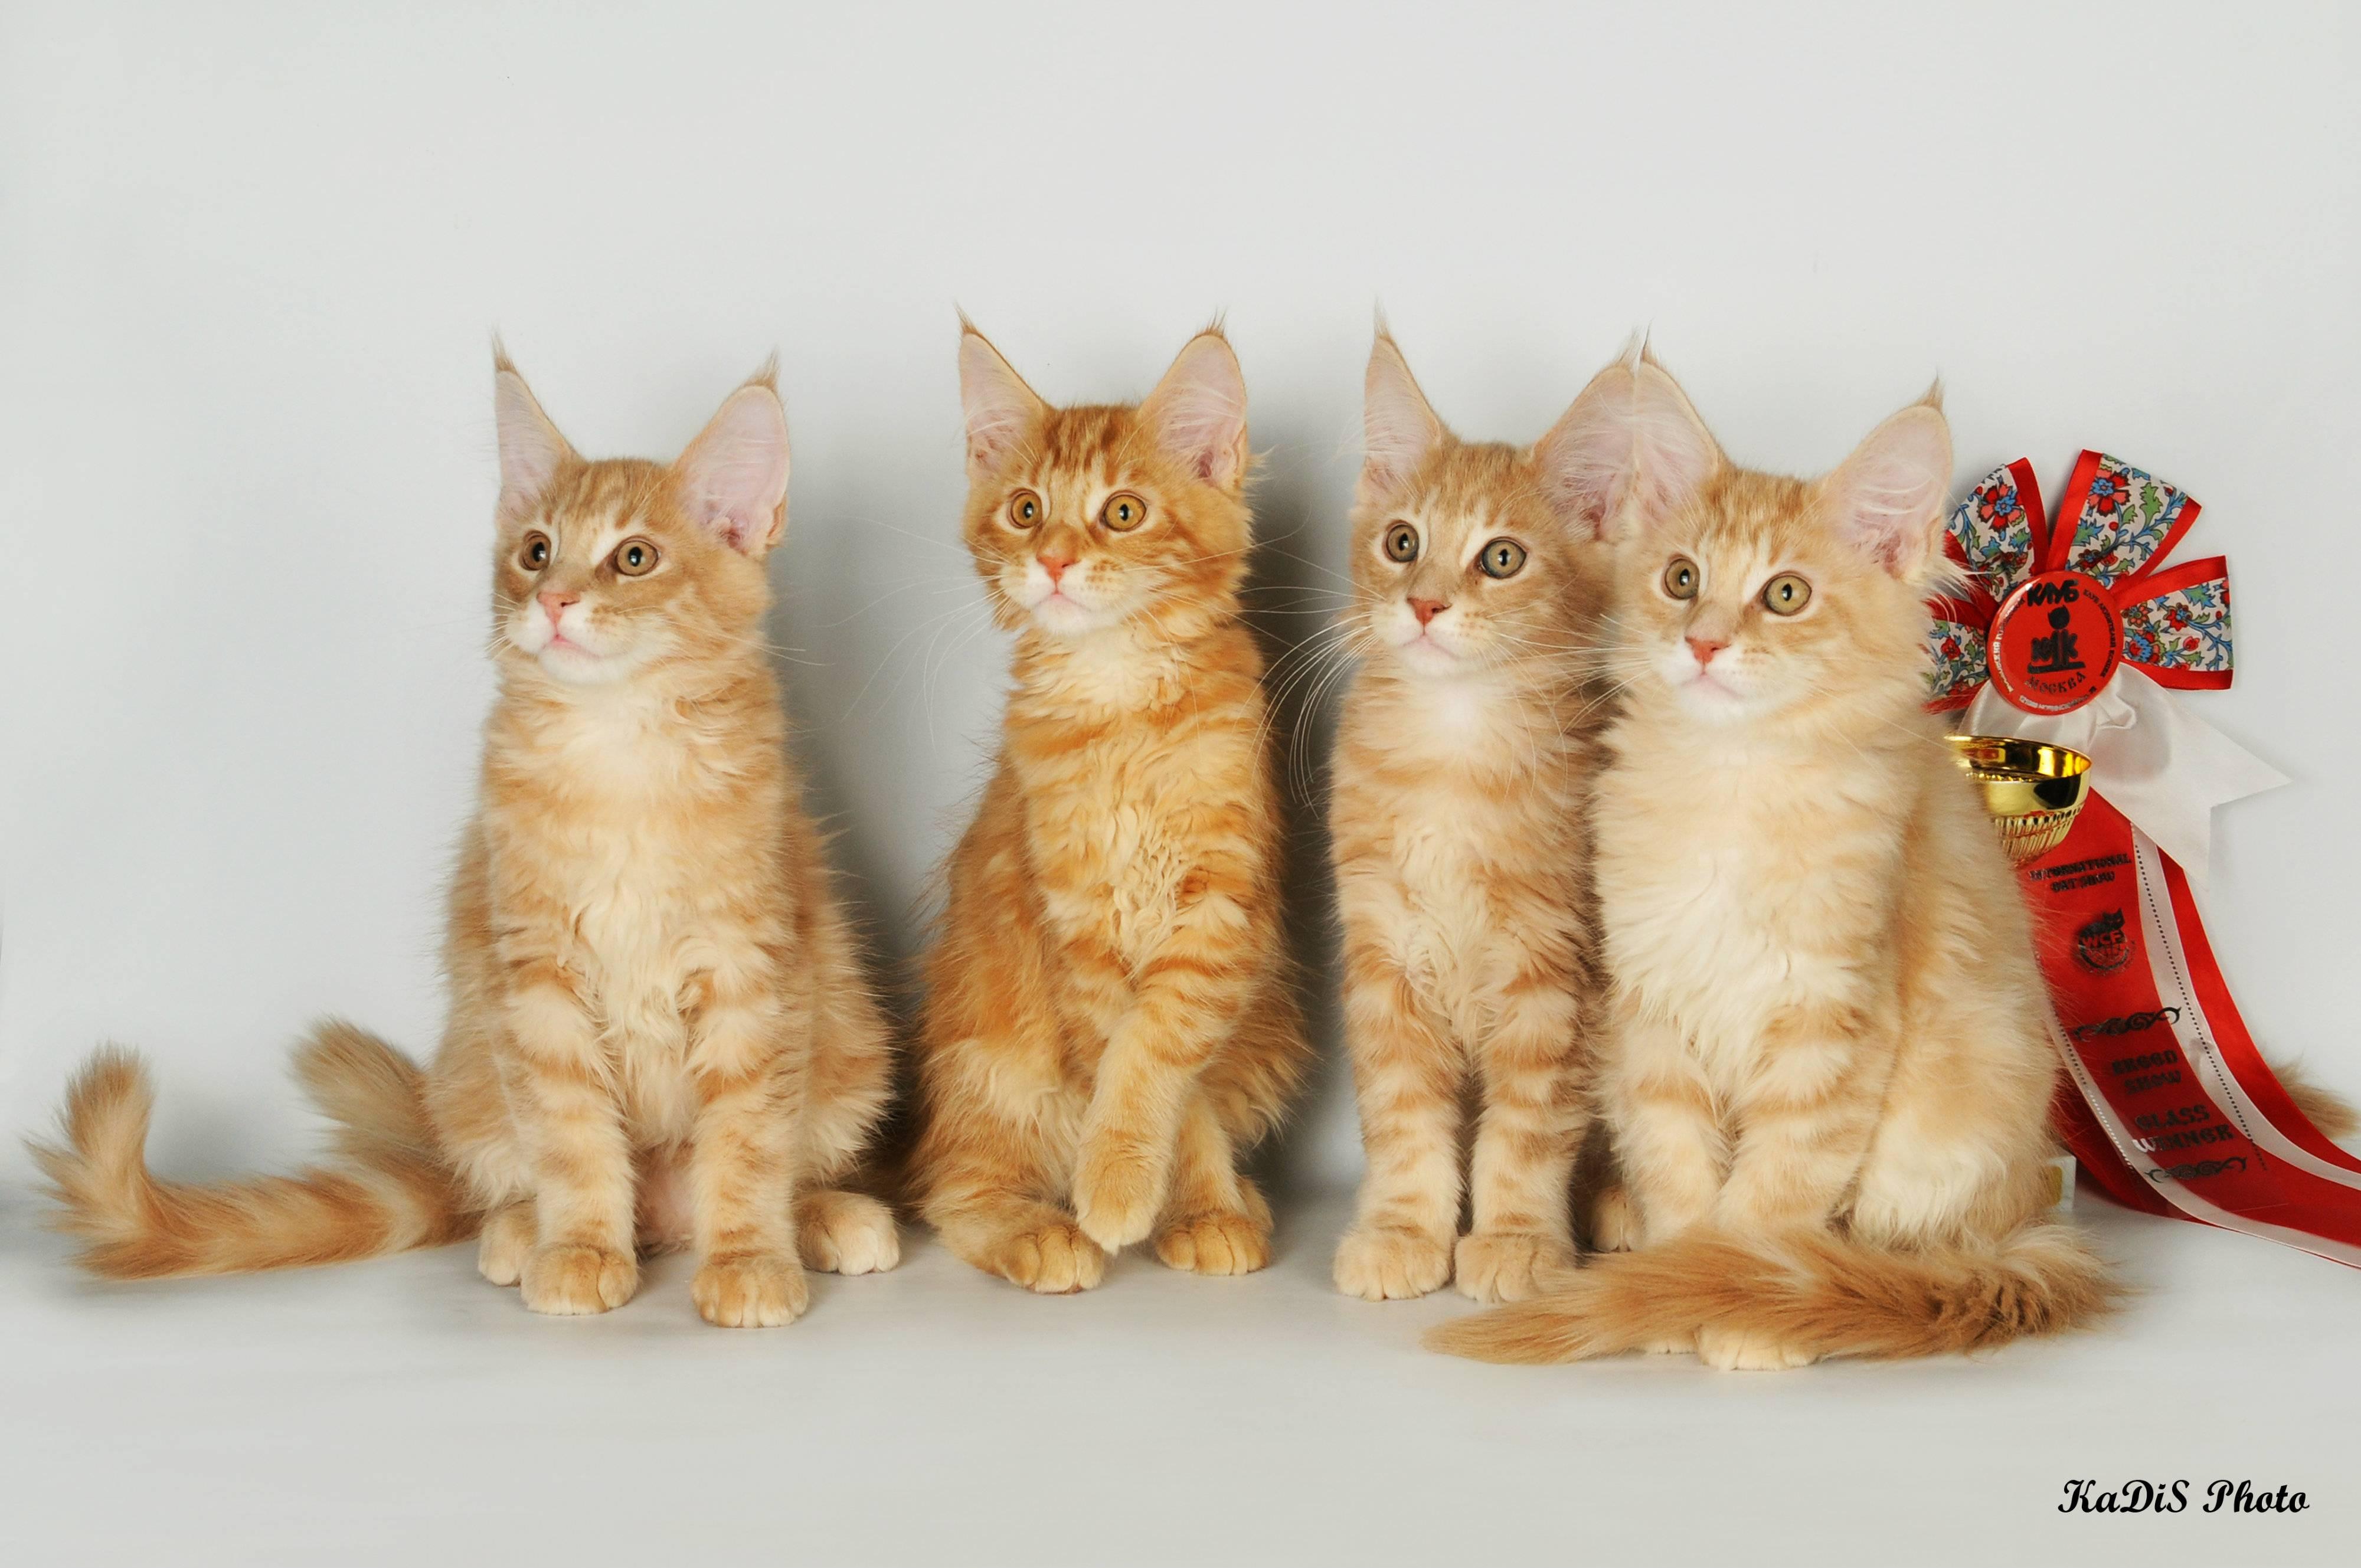 Топ 15: самые популярные породы кошек 2020 [фото и названия]